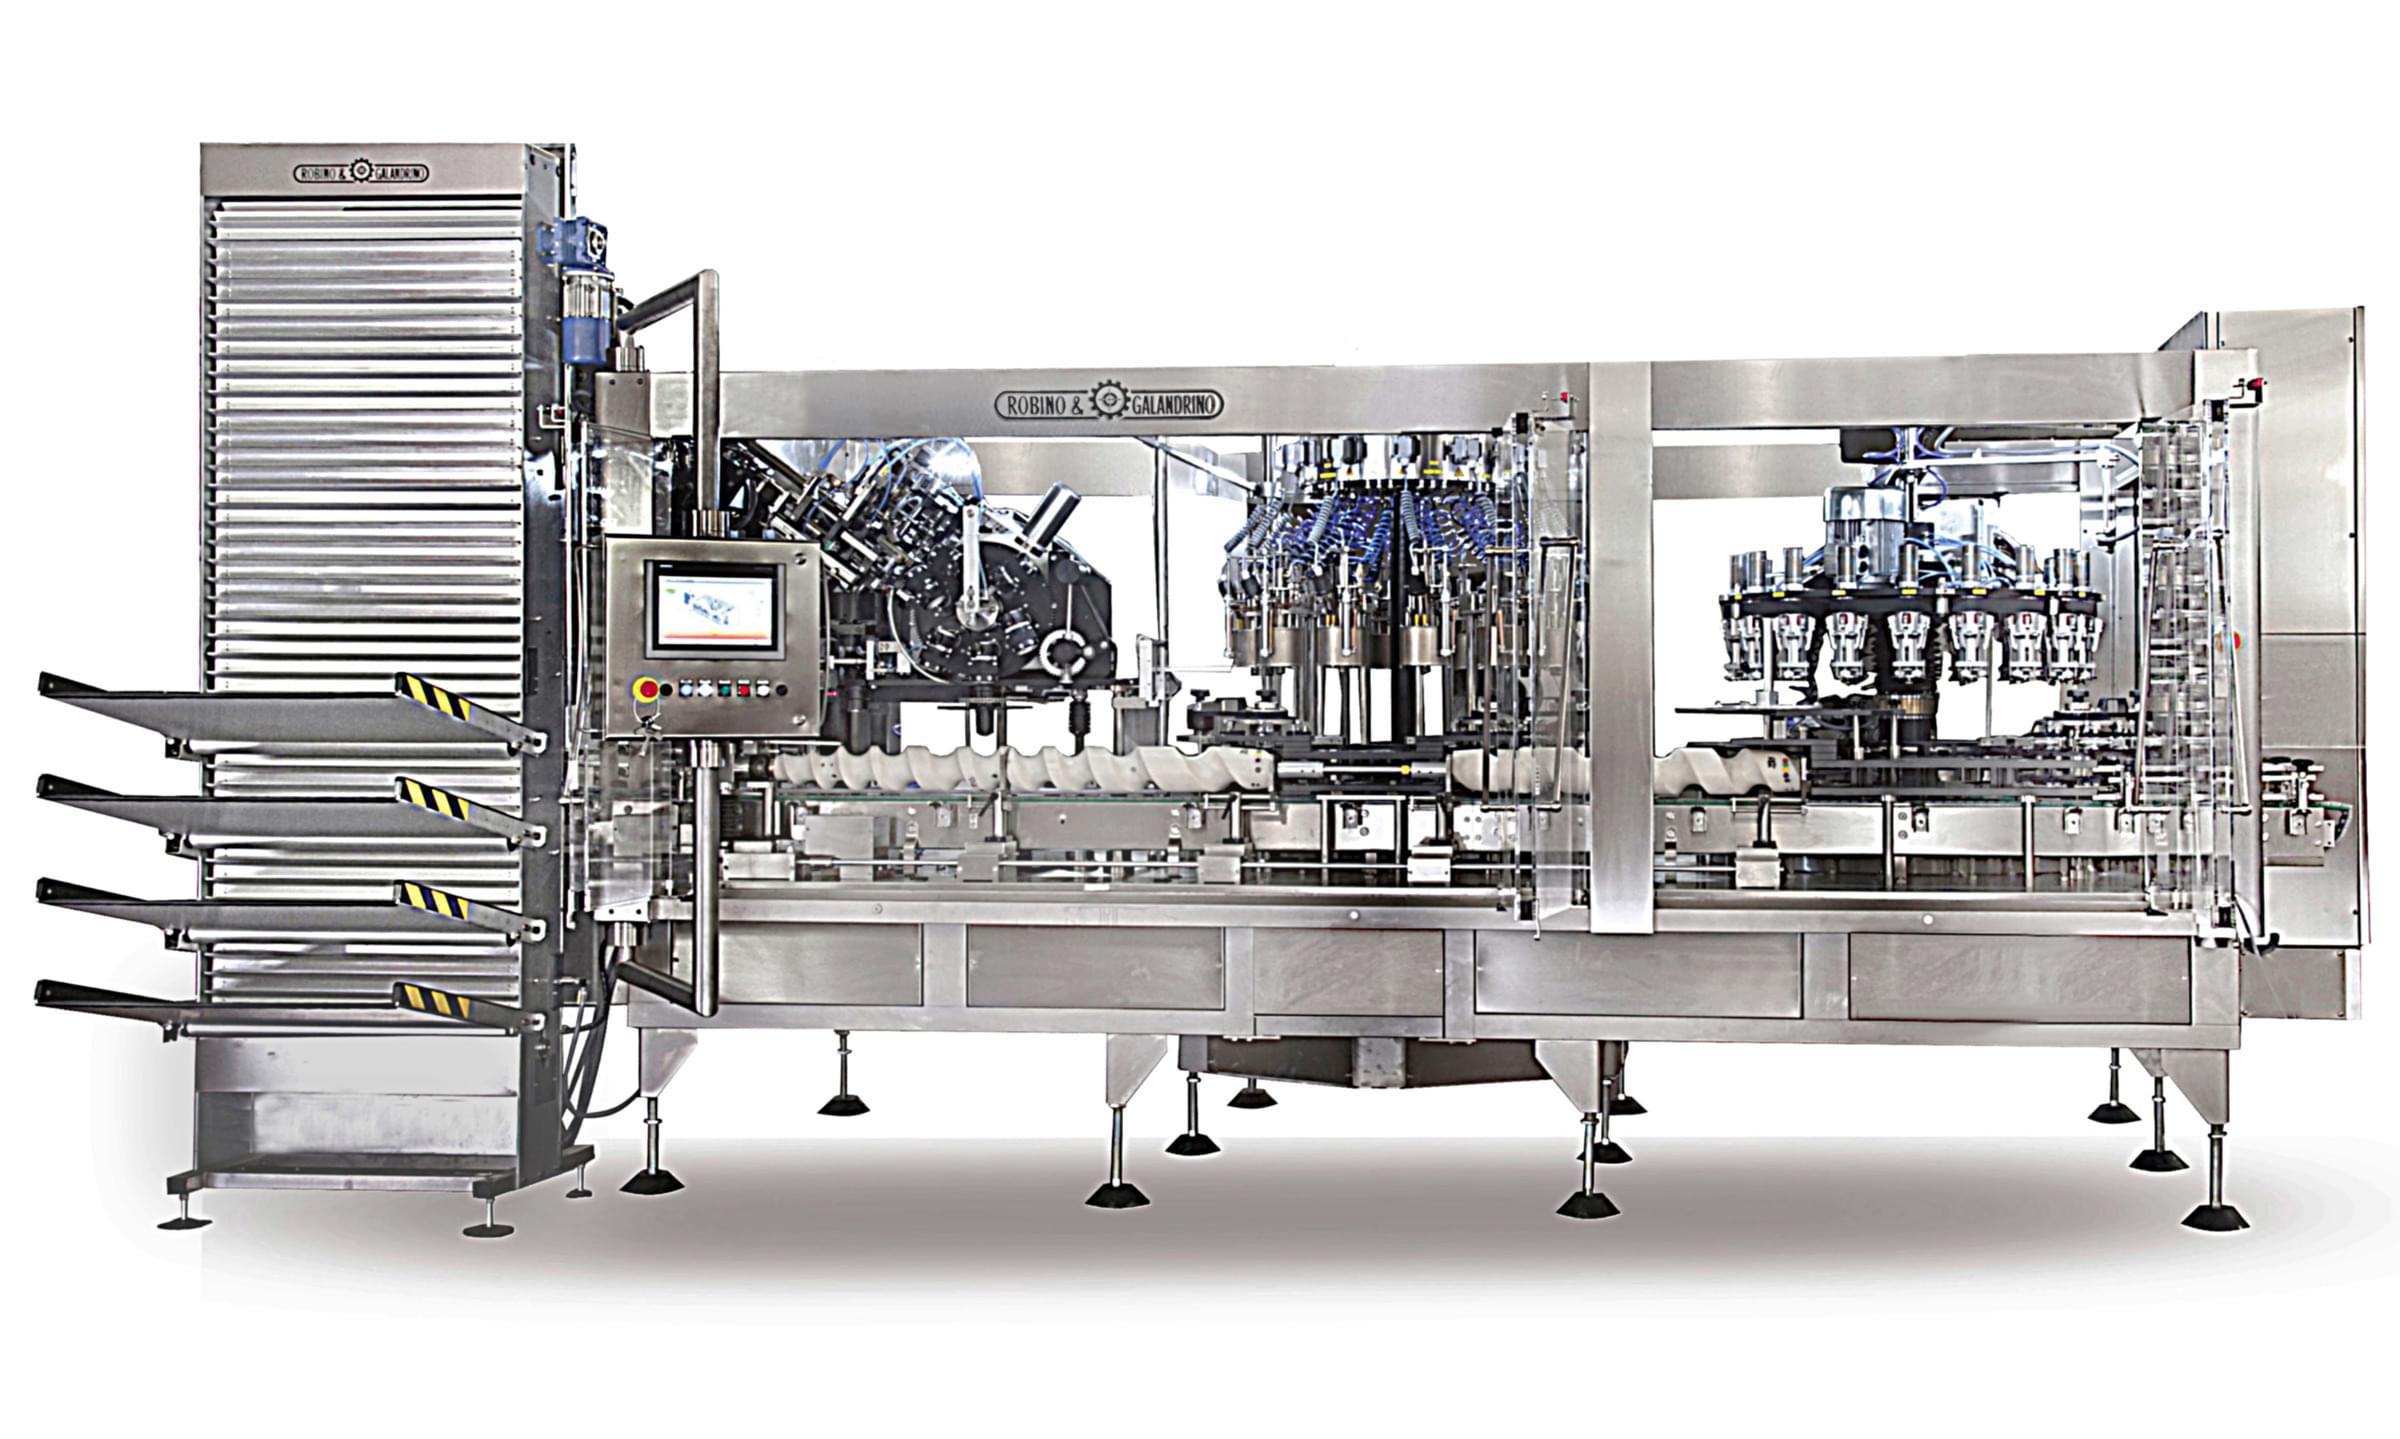 Robino & Galandrino capsuling equipment